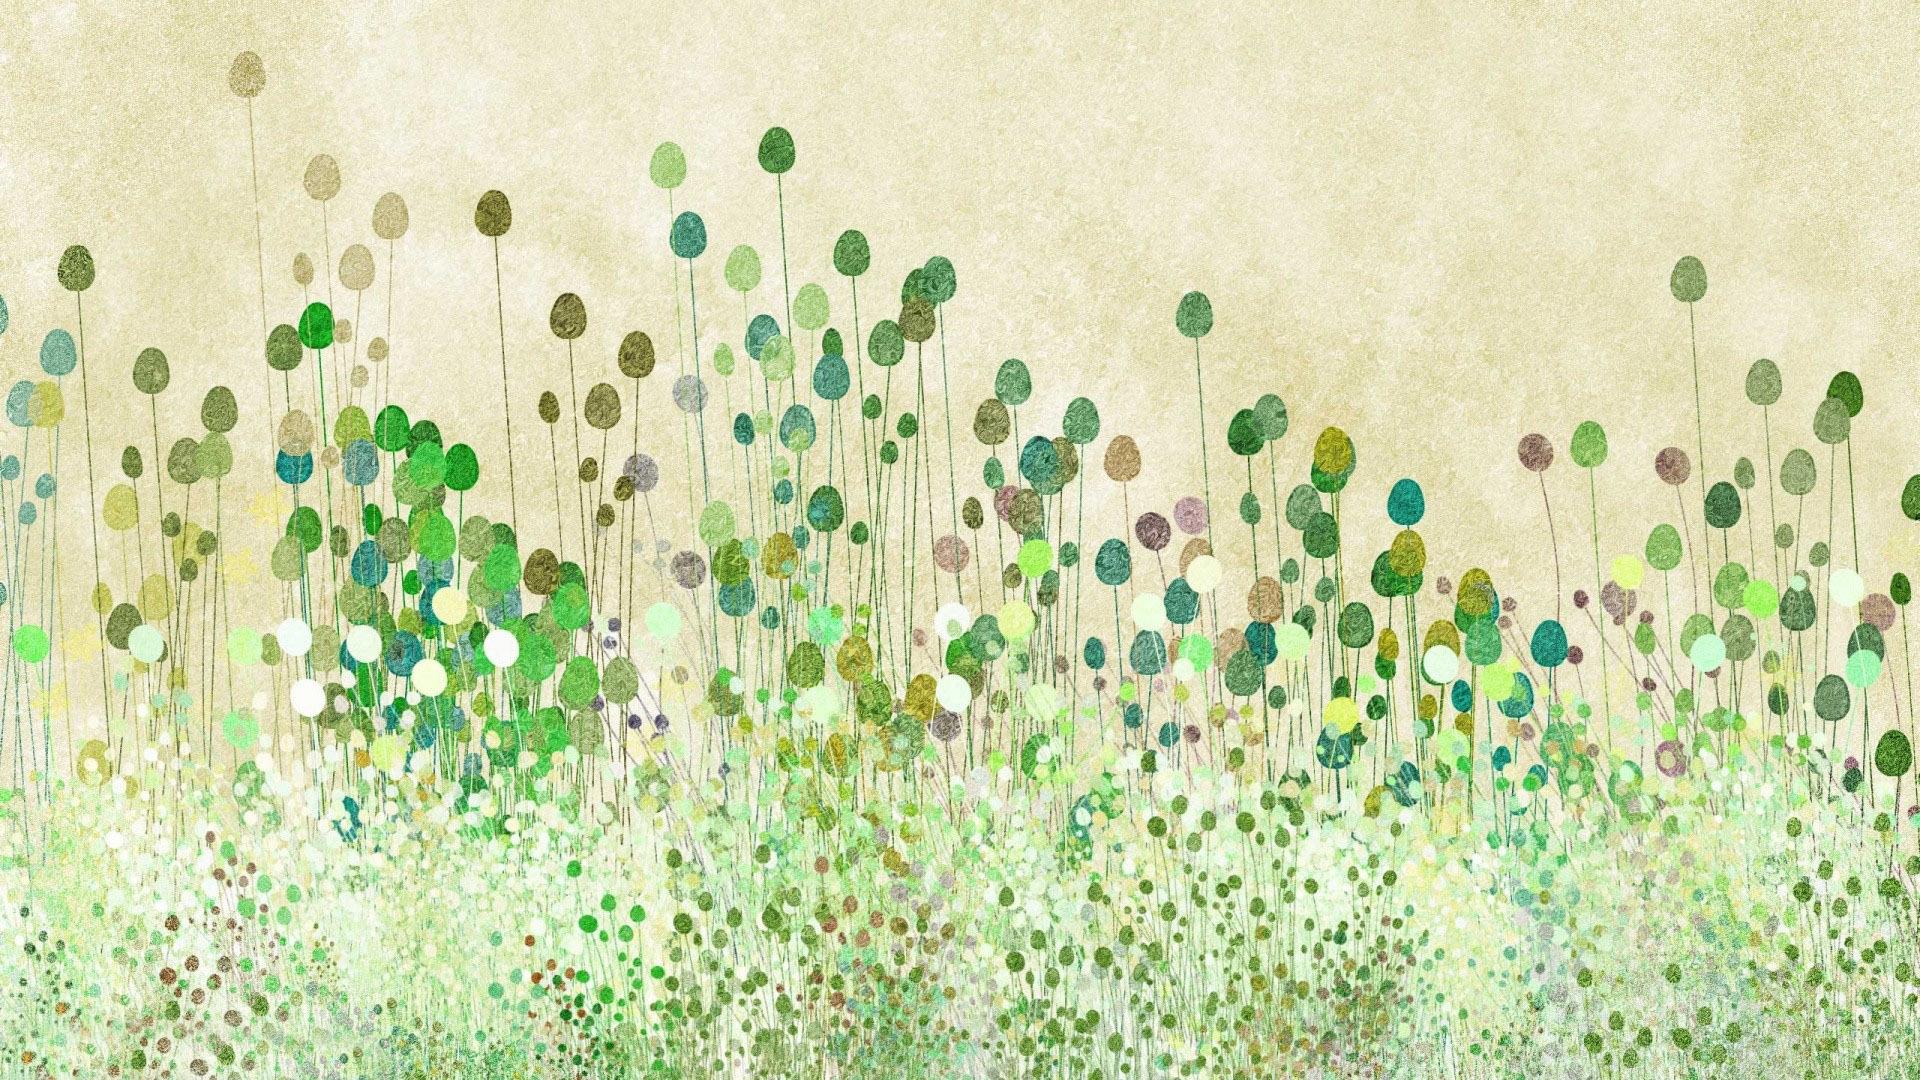 Watercolor Wallpaper For Desktop  WallpaperSafari